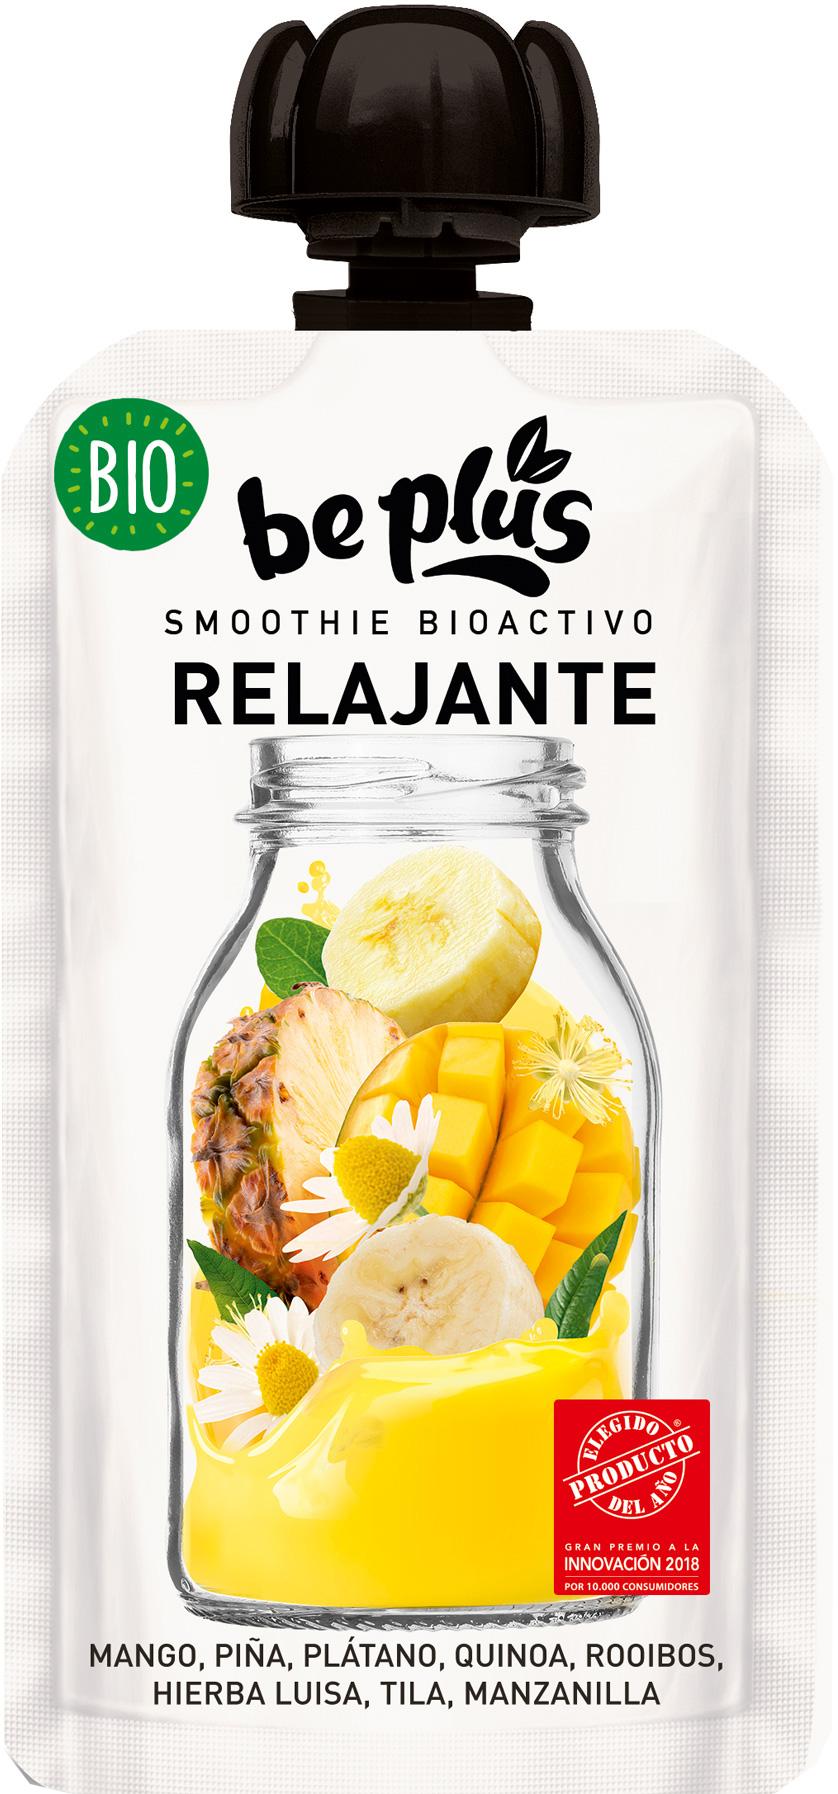 Биоактивное смузи Be Plus Релаксант 150 г